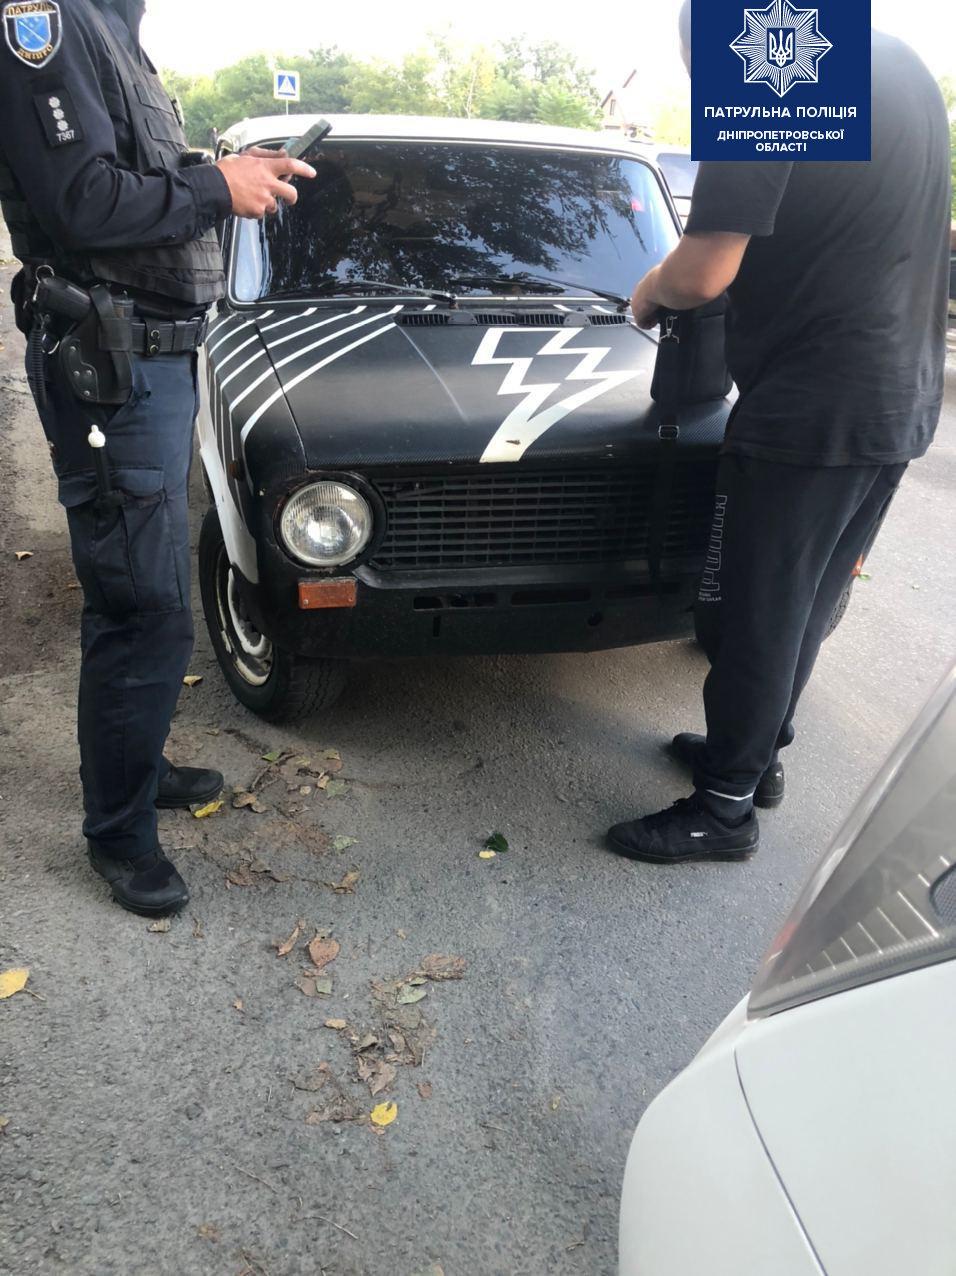 В Днепре штрафуют водителей за номера: с какими ездить нельзя , фото-6